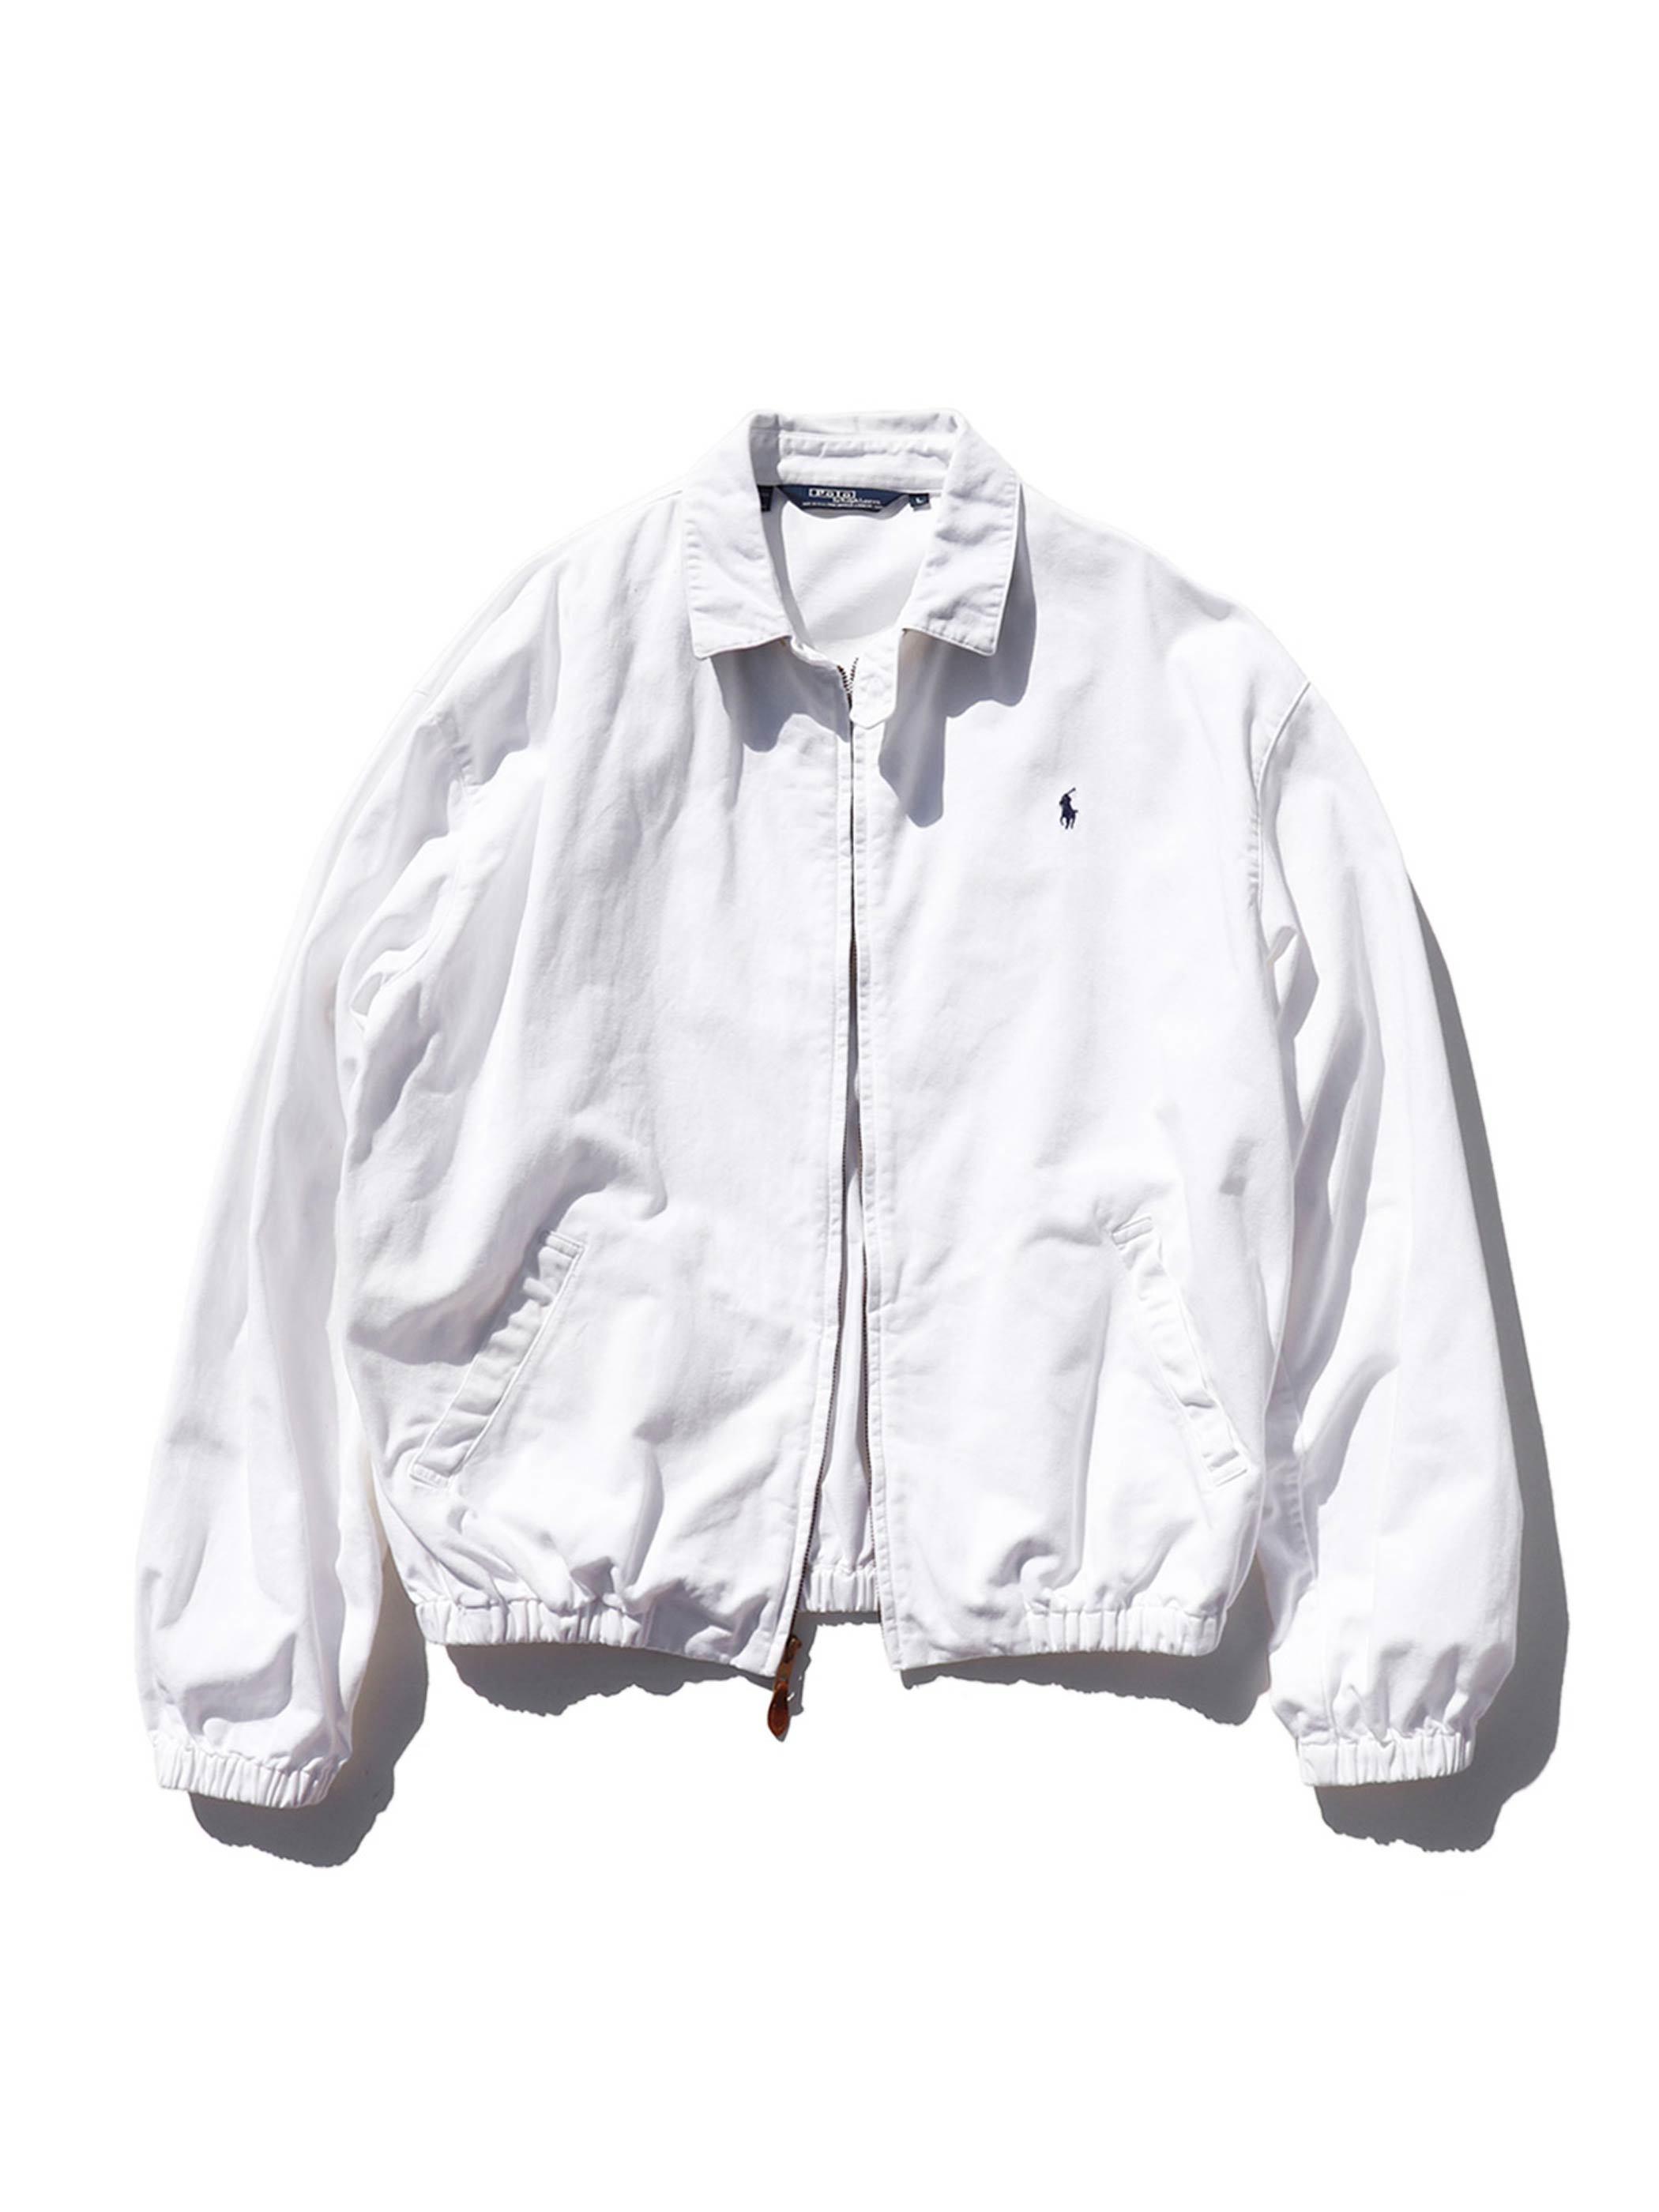 90's RALPH LAUREN USA製 ホワイト ドリズラージャケット [L]